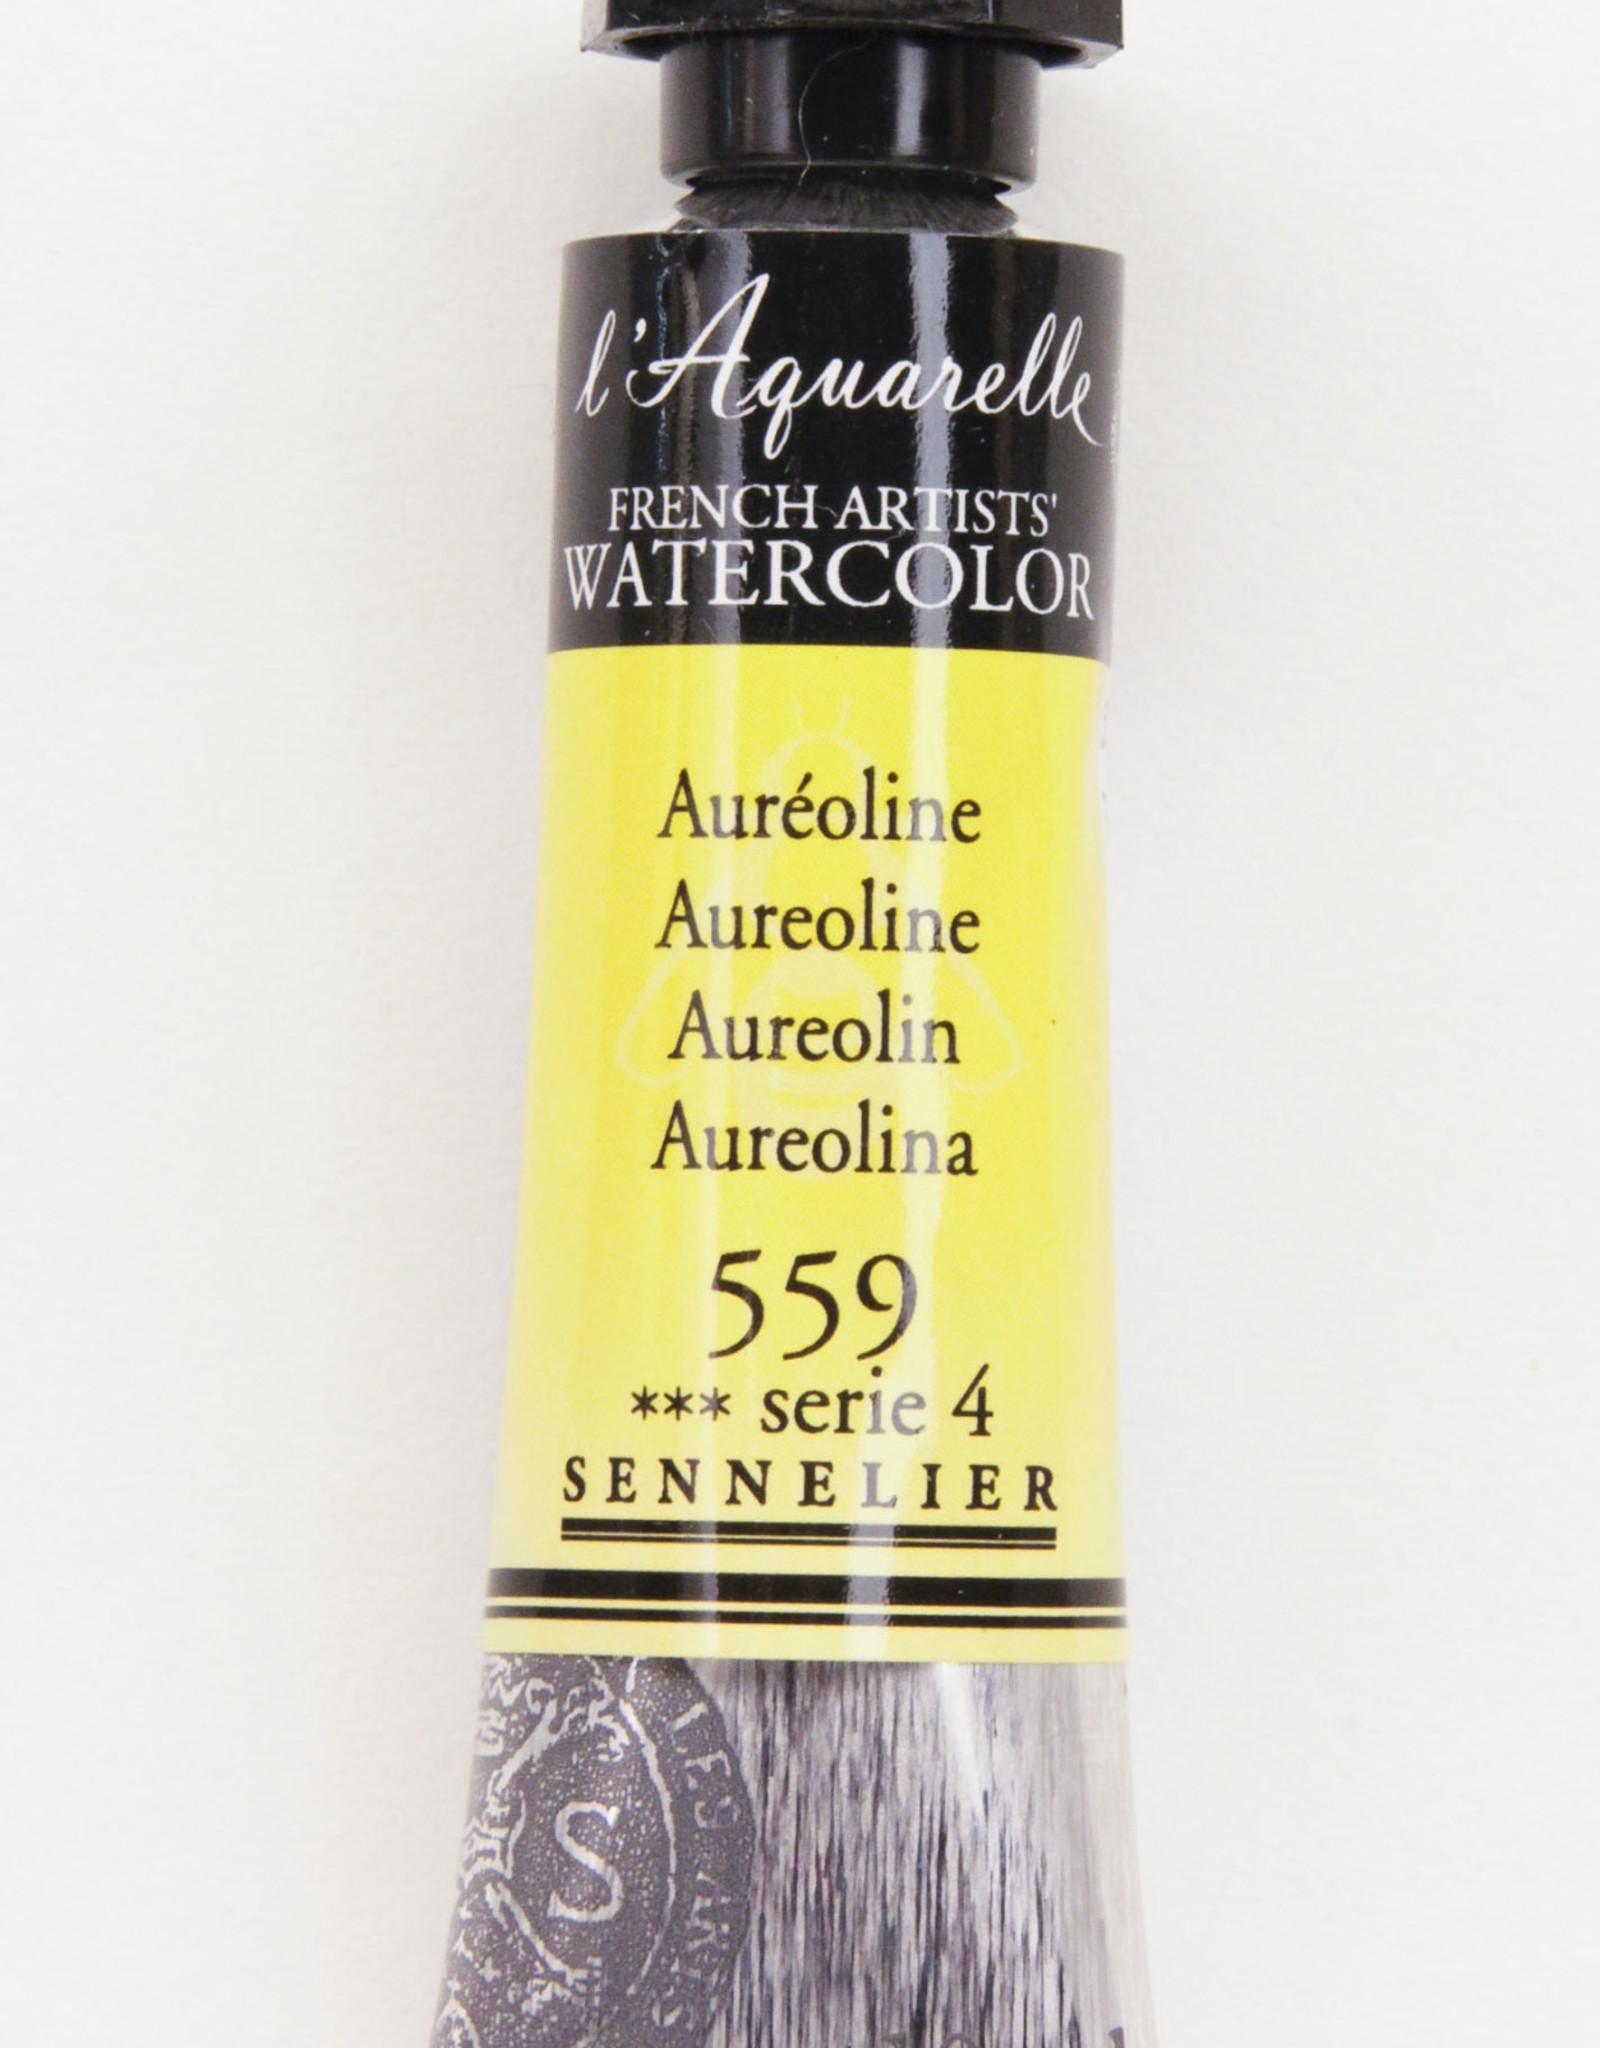 Sennelier, Aquarelle Watercolor Paint, Aureoline, 559, 10ml Tube, Series 4